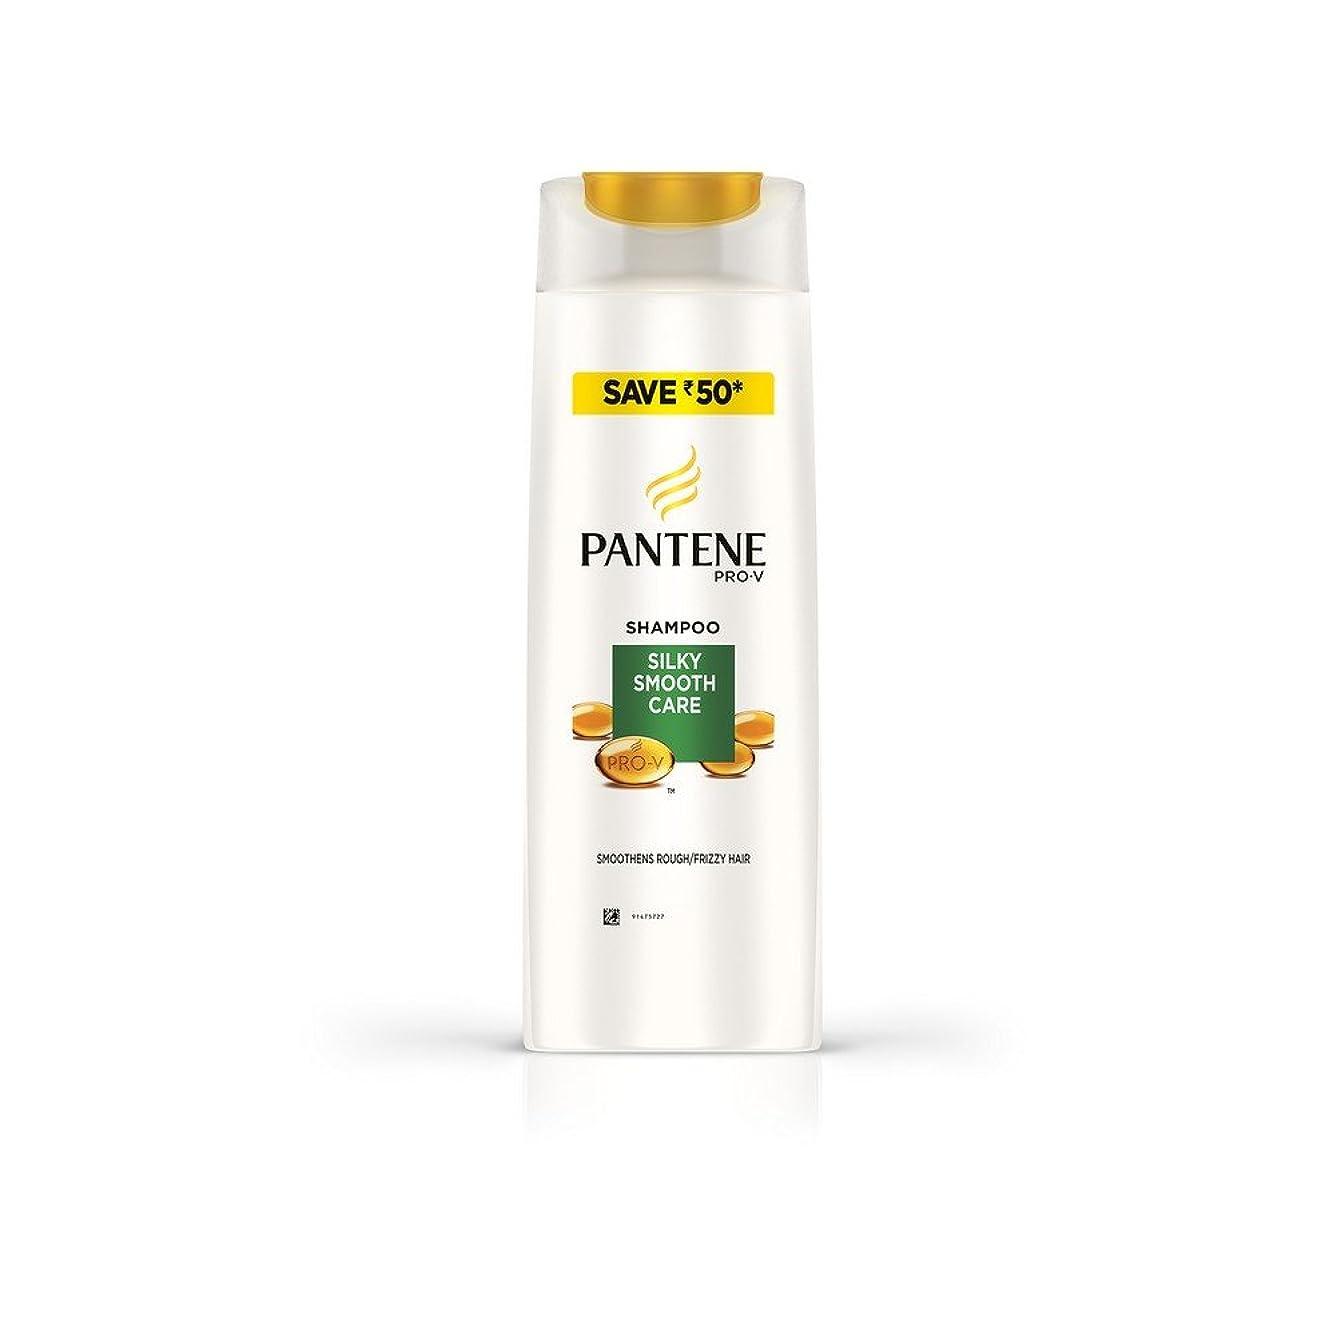 上回る安全な付録PANTENE SILKY SMOOTH CARE SHAMPOO 340 ml (PANTENE SILKYスムースケアシャンプー340 ml)